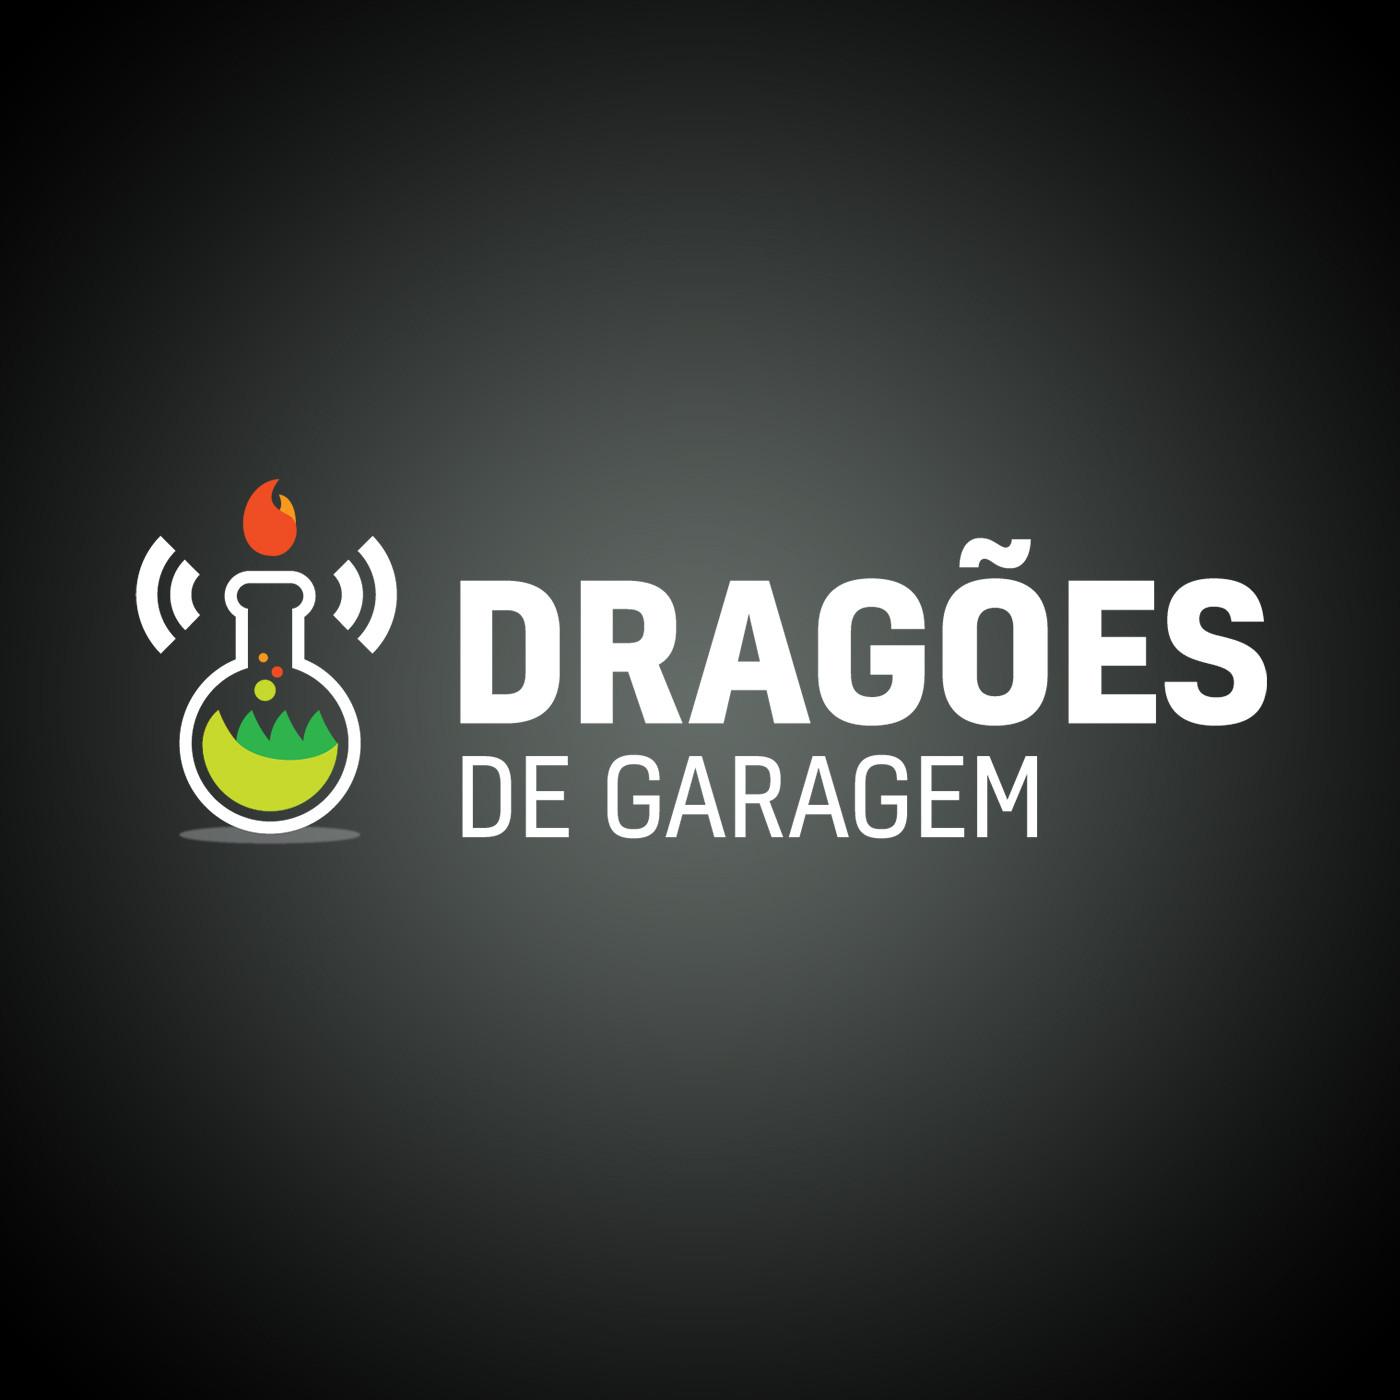 Sobrediagnóstico – Dragões de Garagem #19